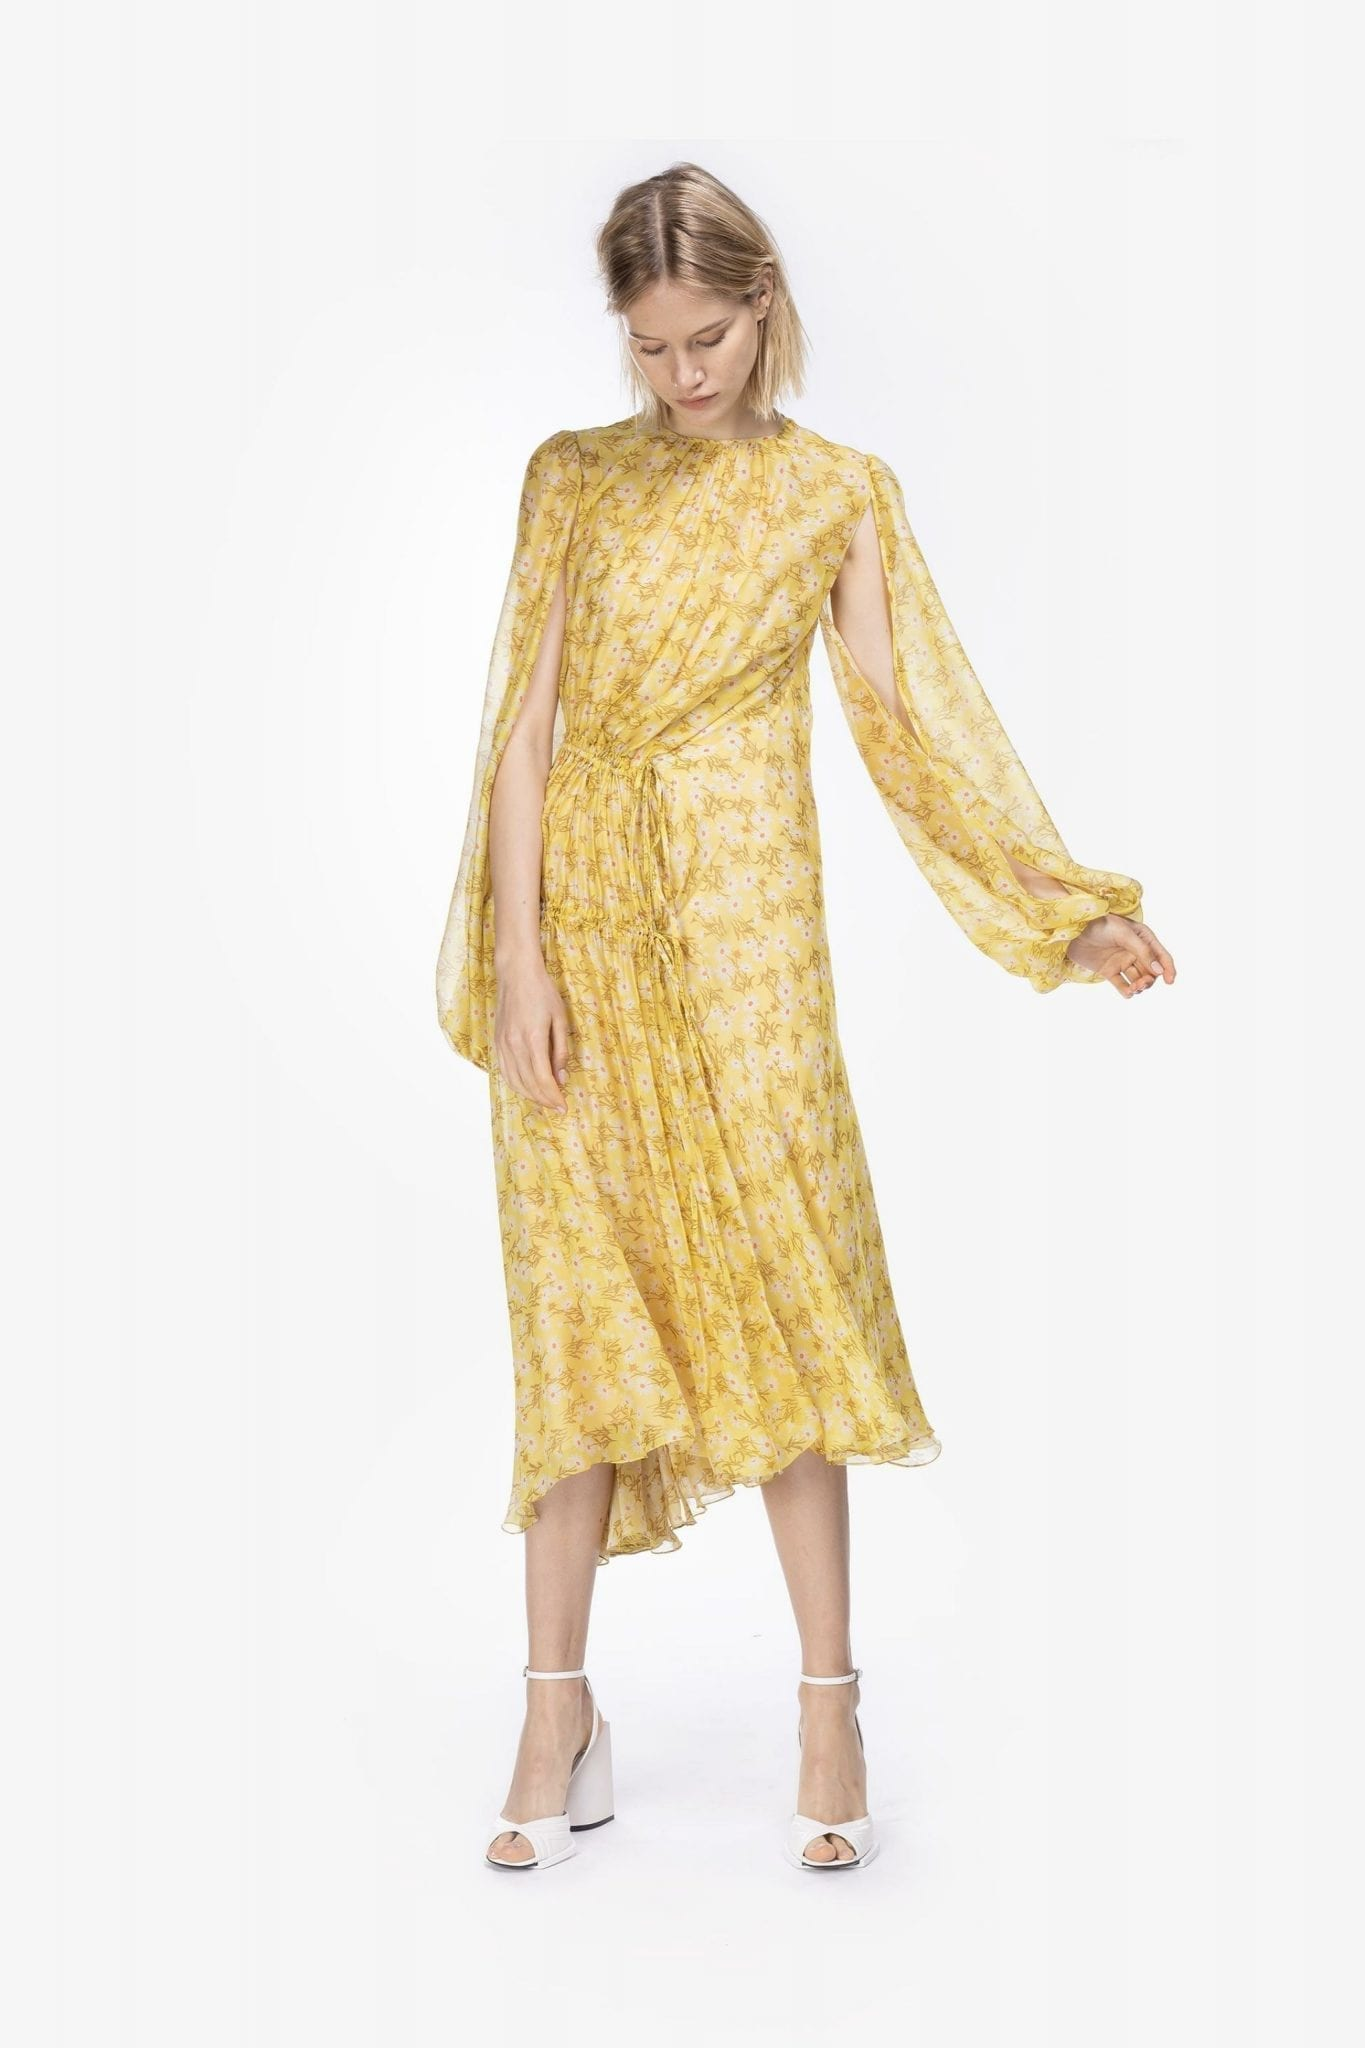 NO21 Ruched Pâquerettes Print Dress